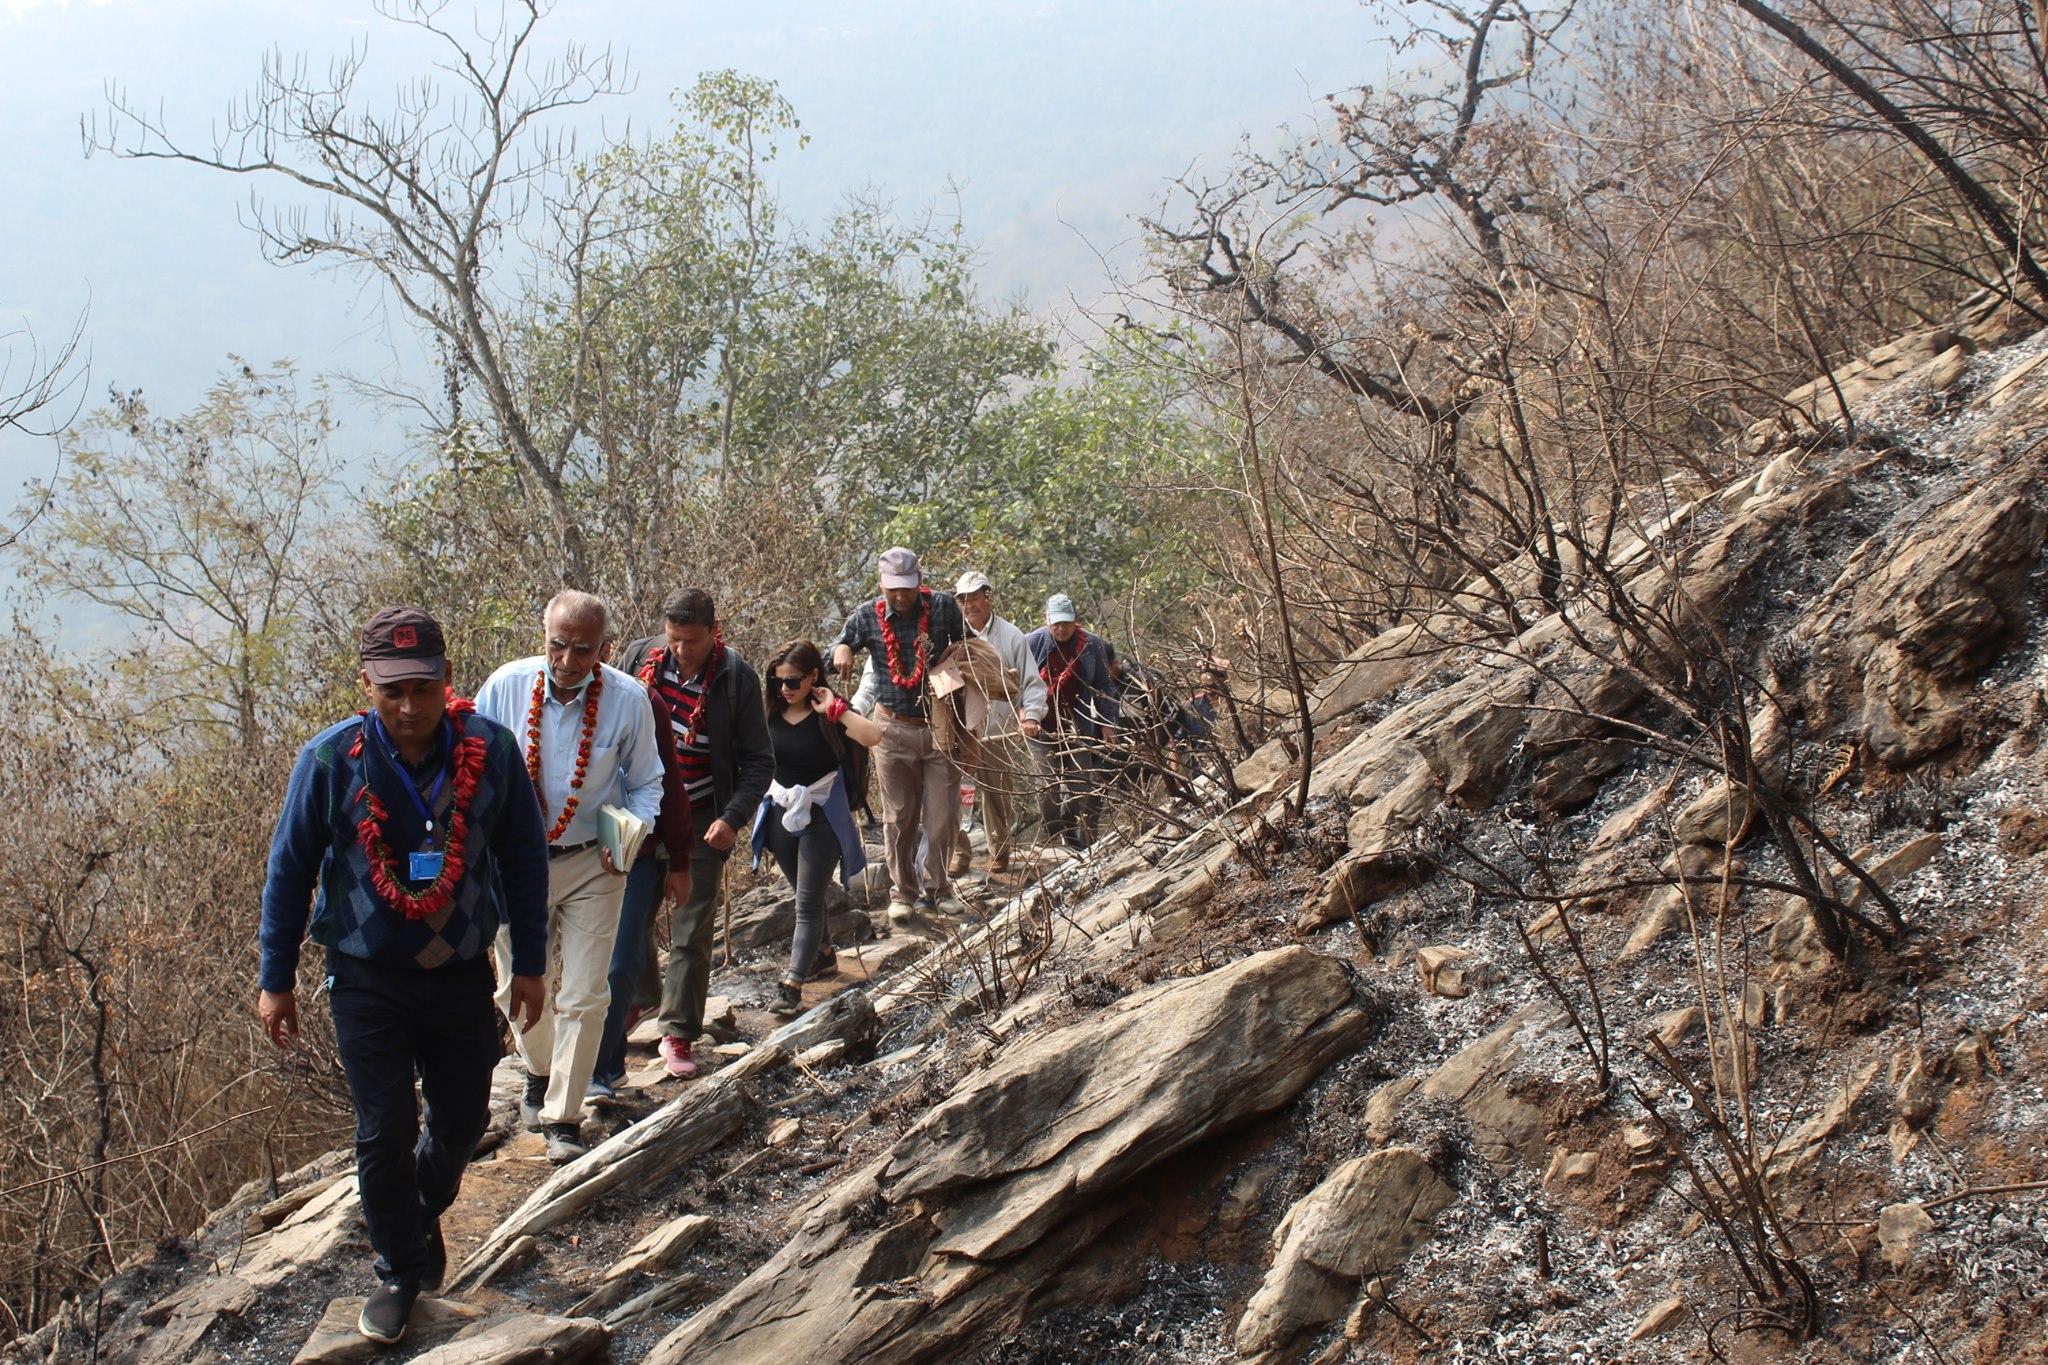 eco trek survey photo 2